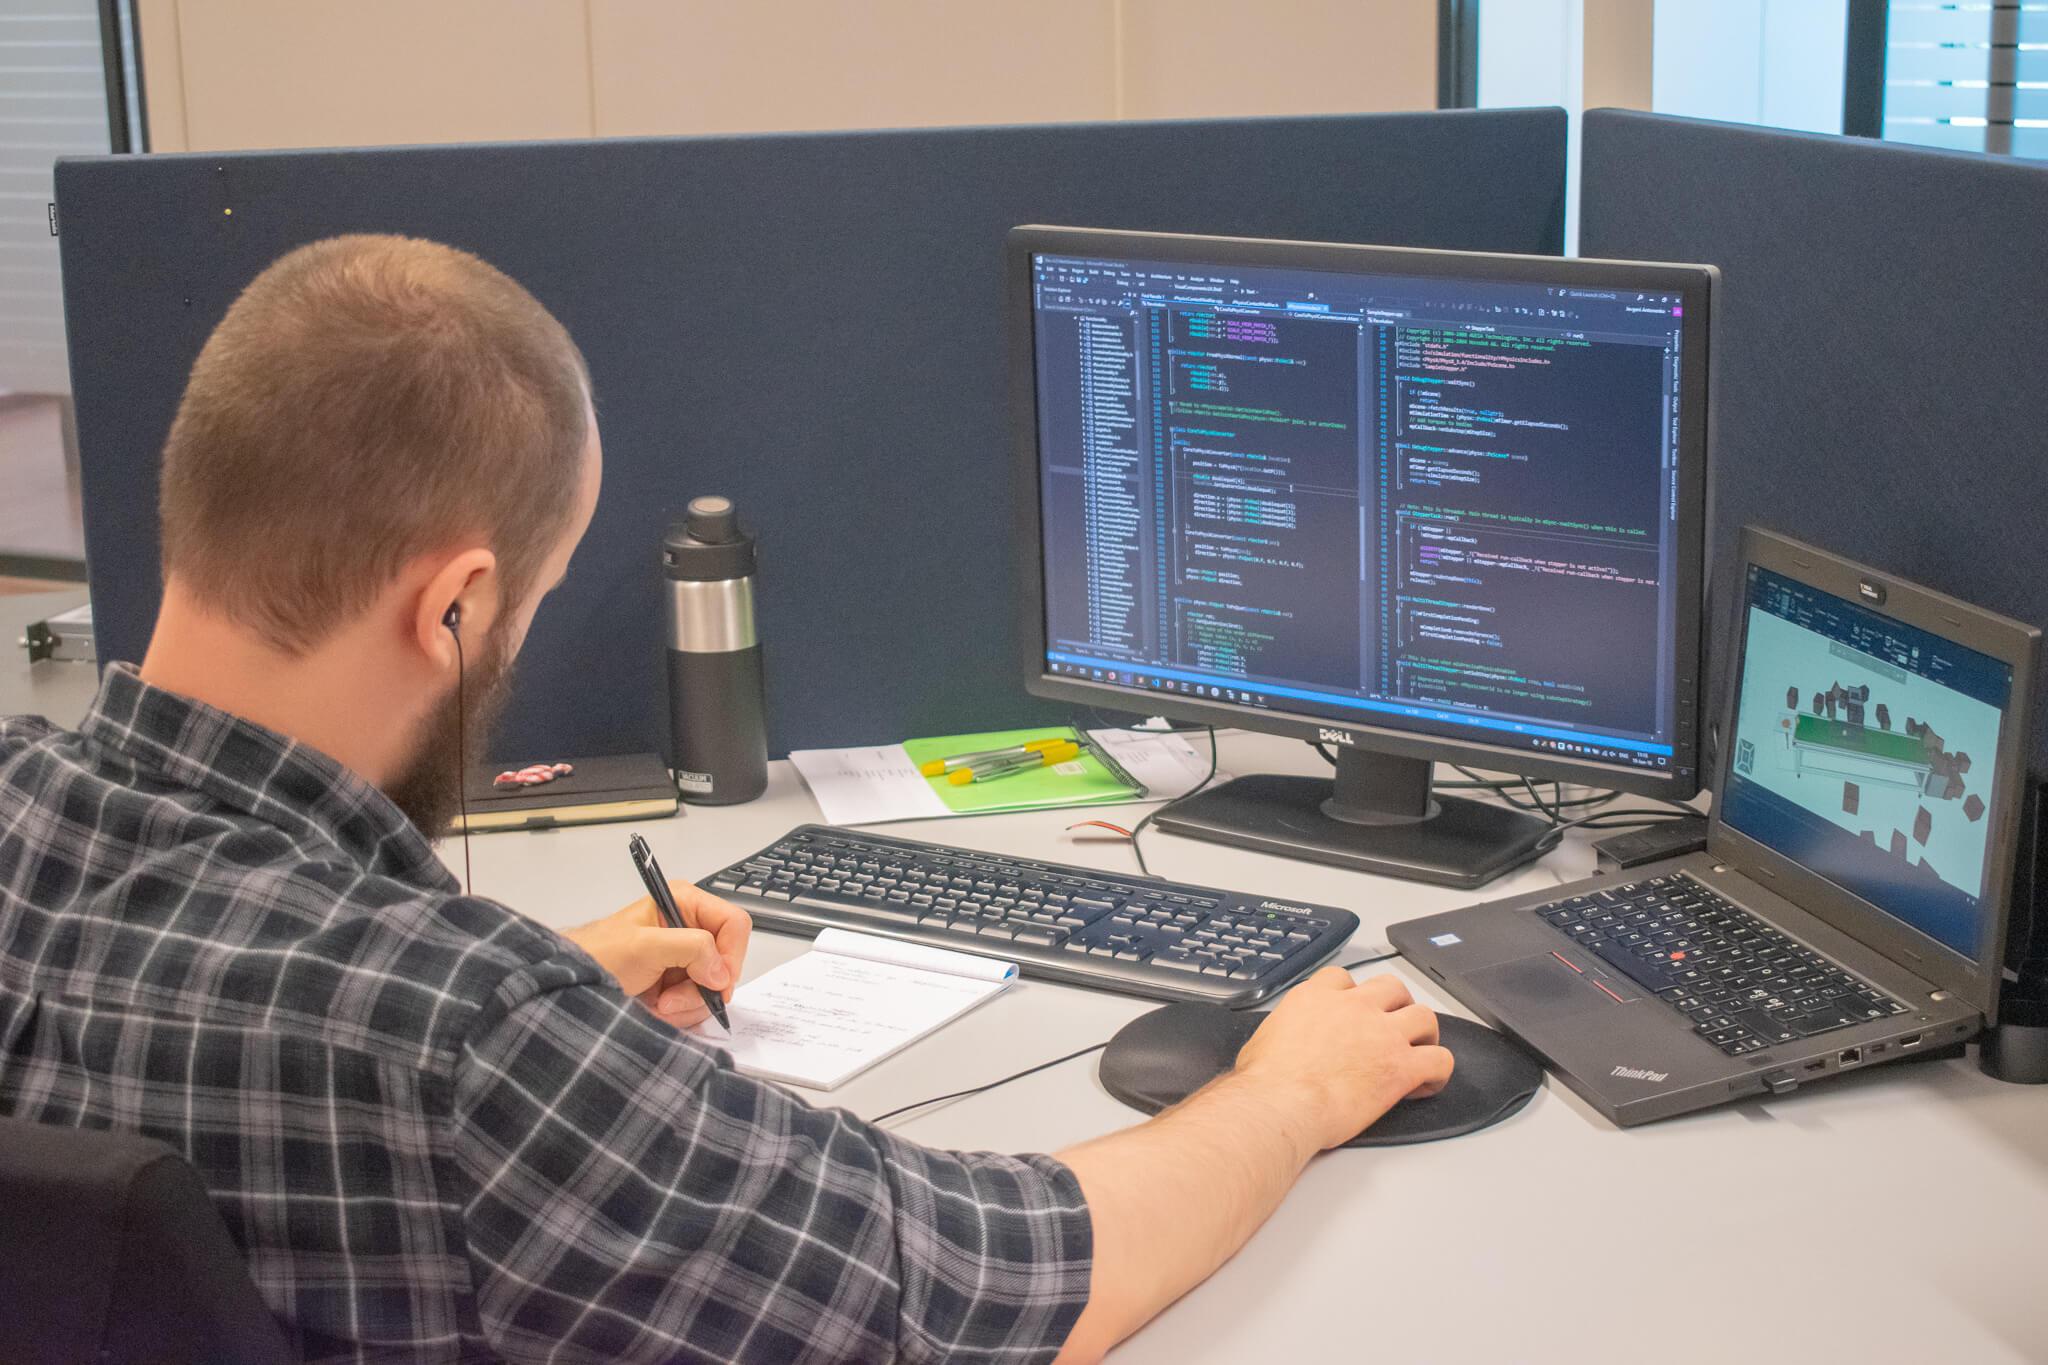 Developer Jevgeni working on simulation software on a desktop